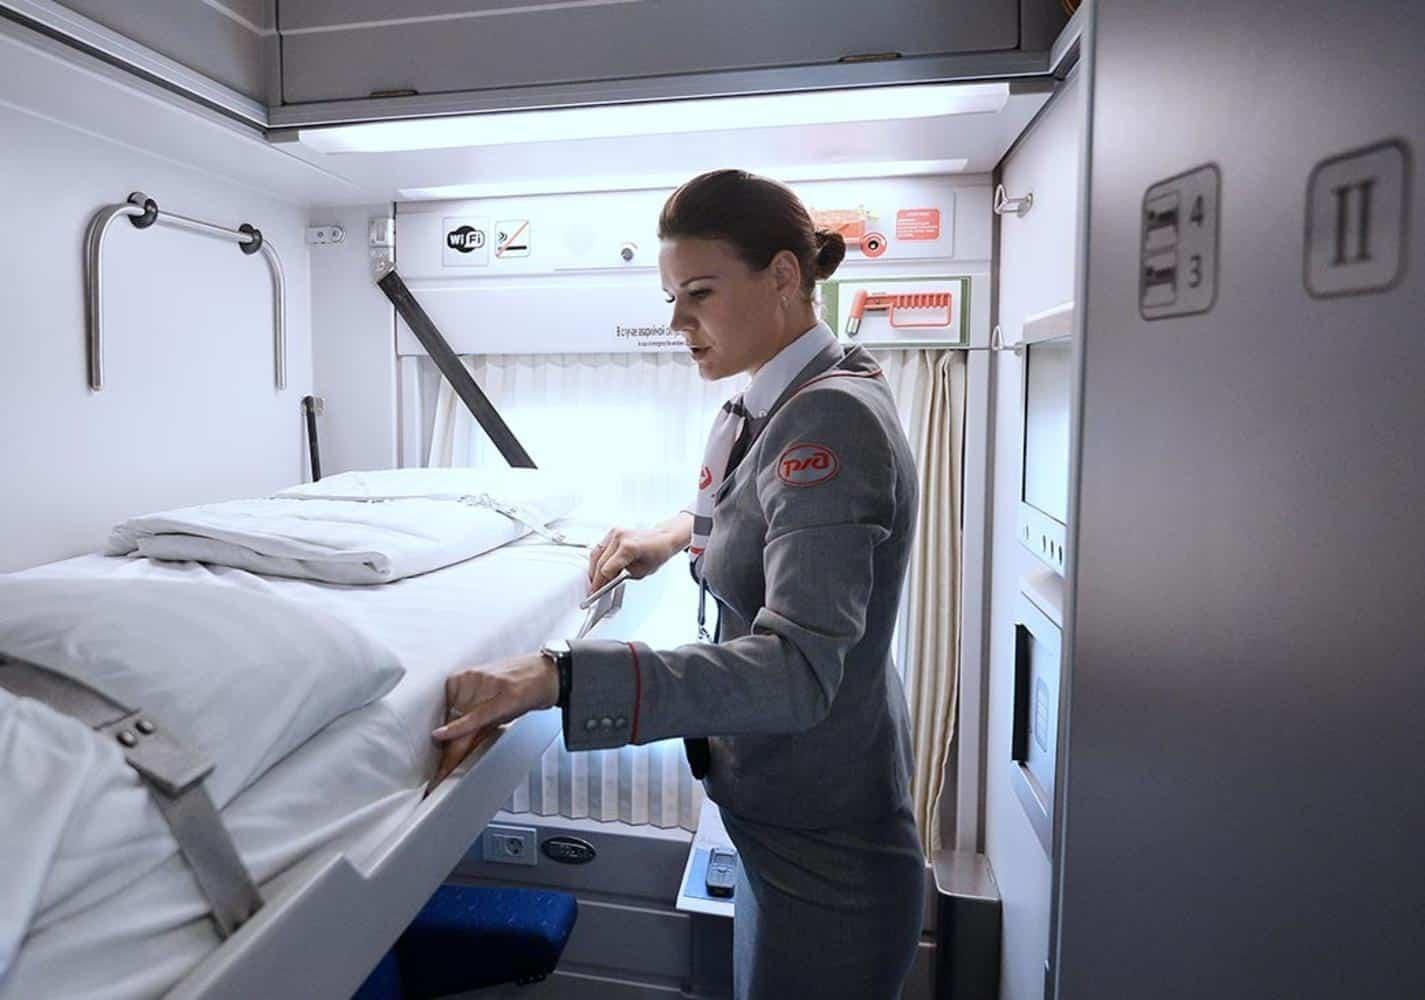 Постельное бельё в поезде в 2019: правила использования, стоимость, можно ли использовать своё